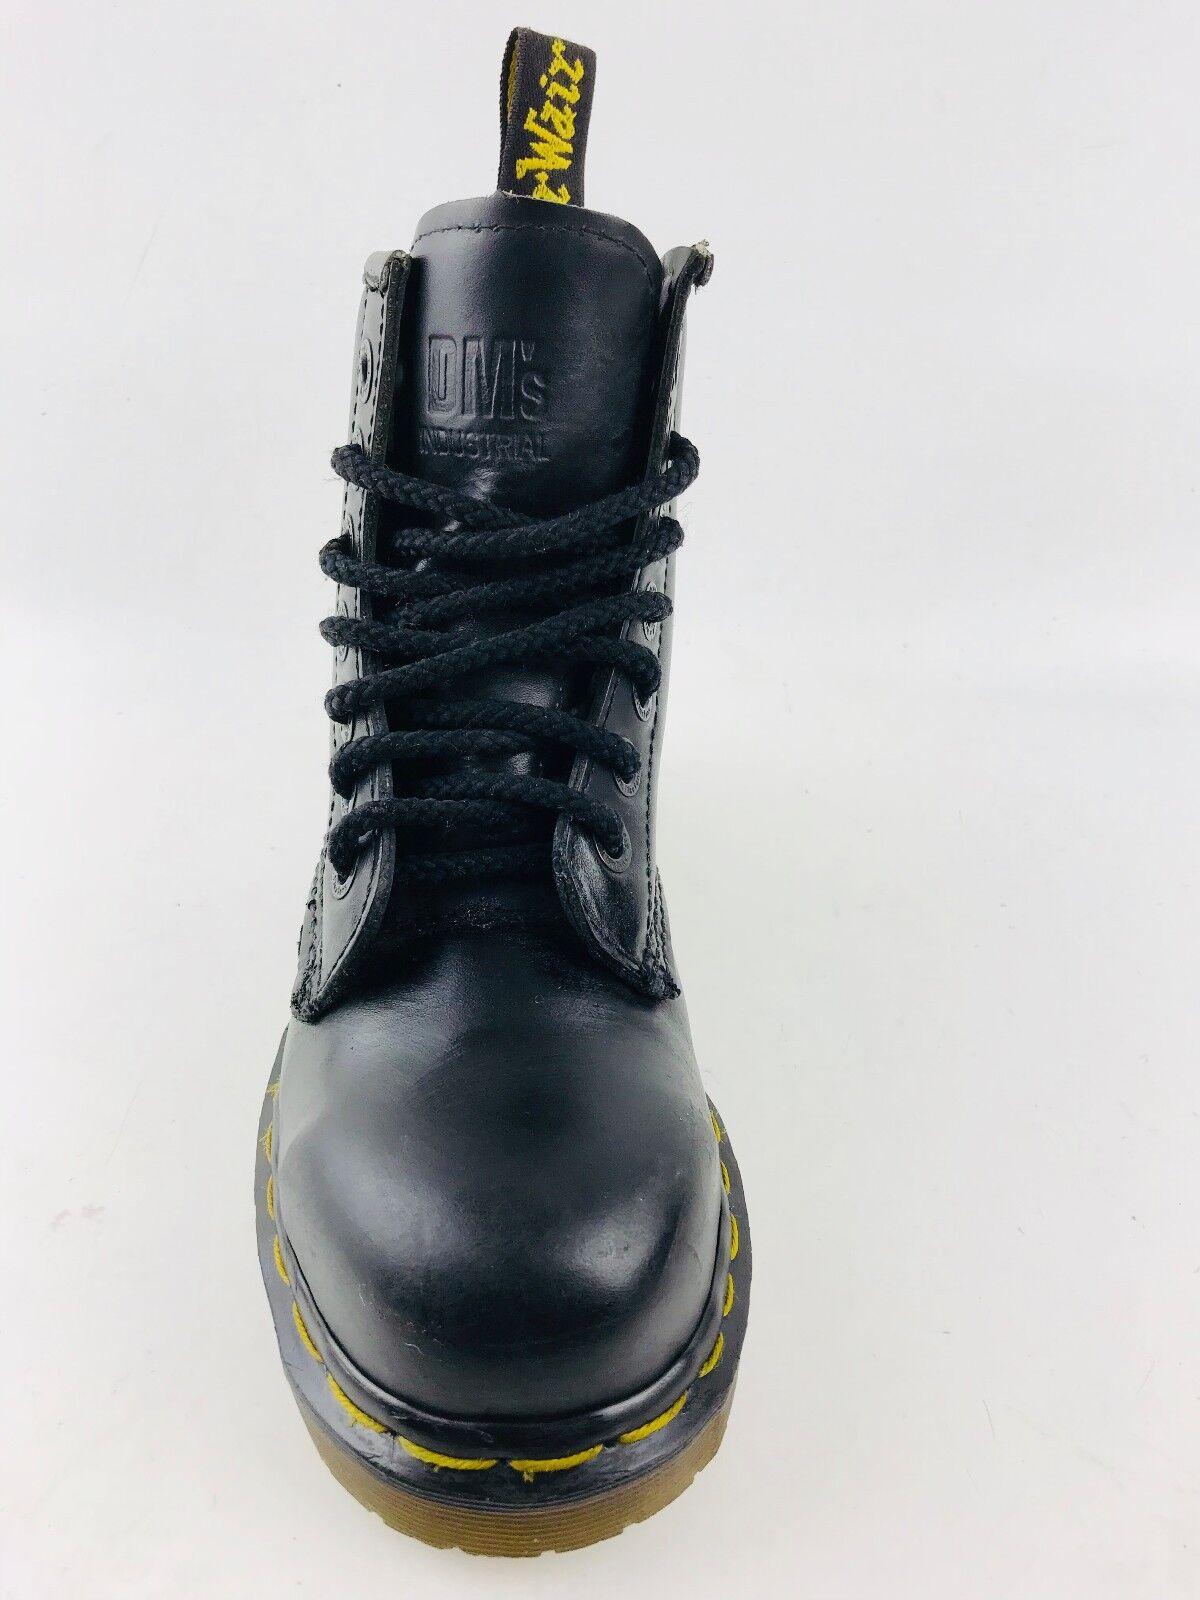 Dr. Martens DMS 7 Eye Steel Toe Women's Black Boots Size US.6/ UK.4/EU.36.5